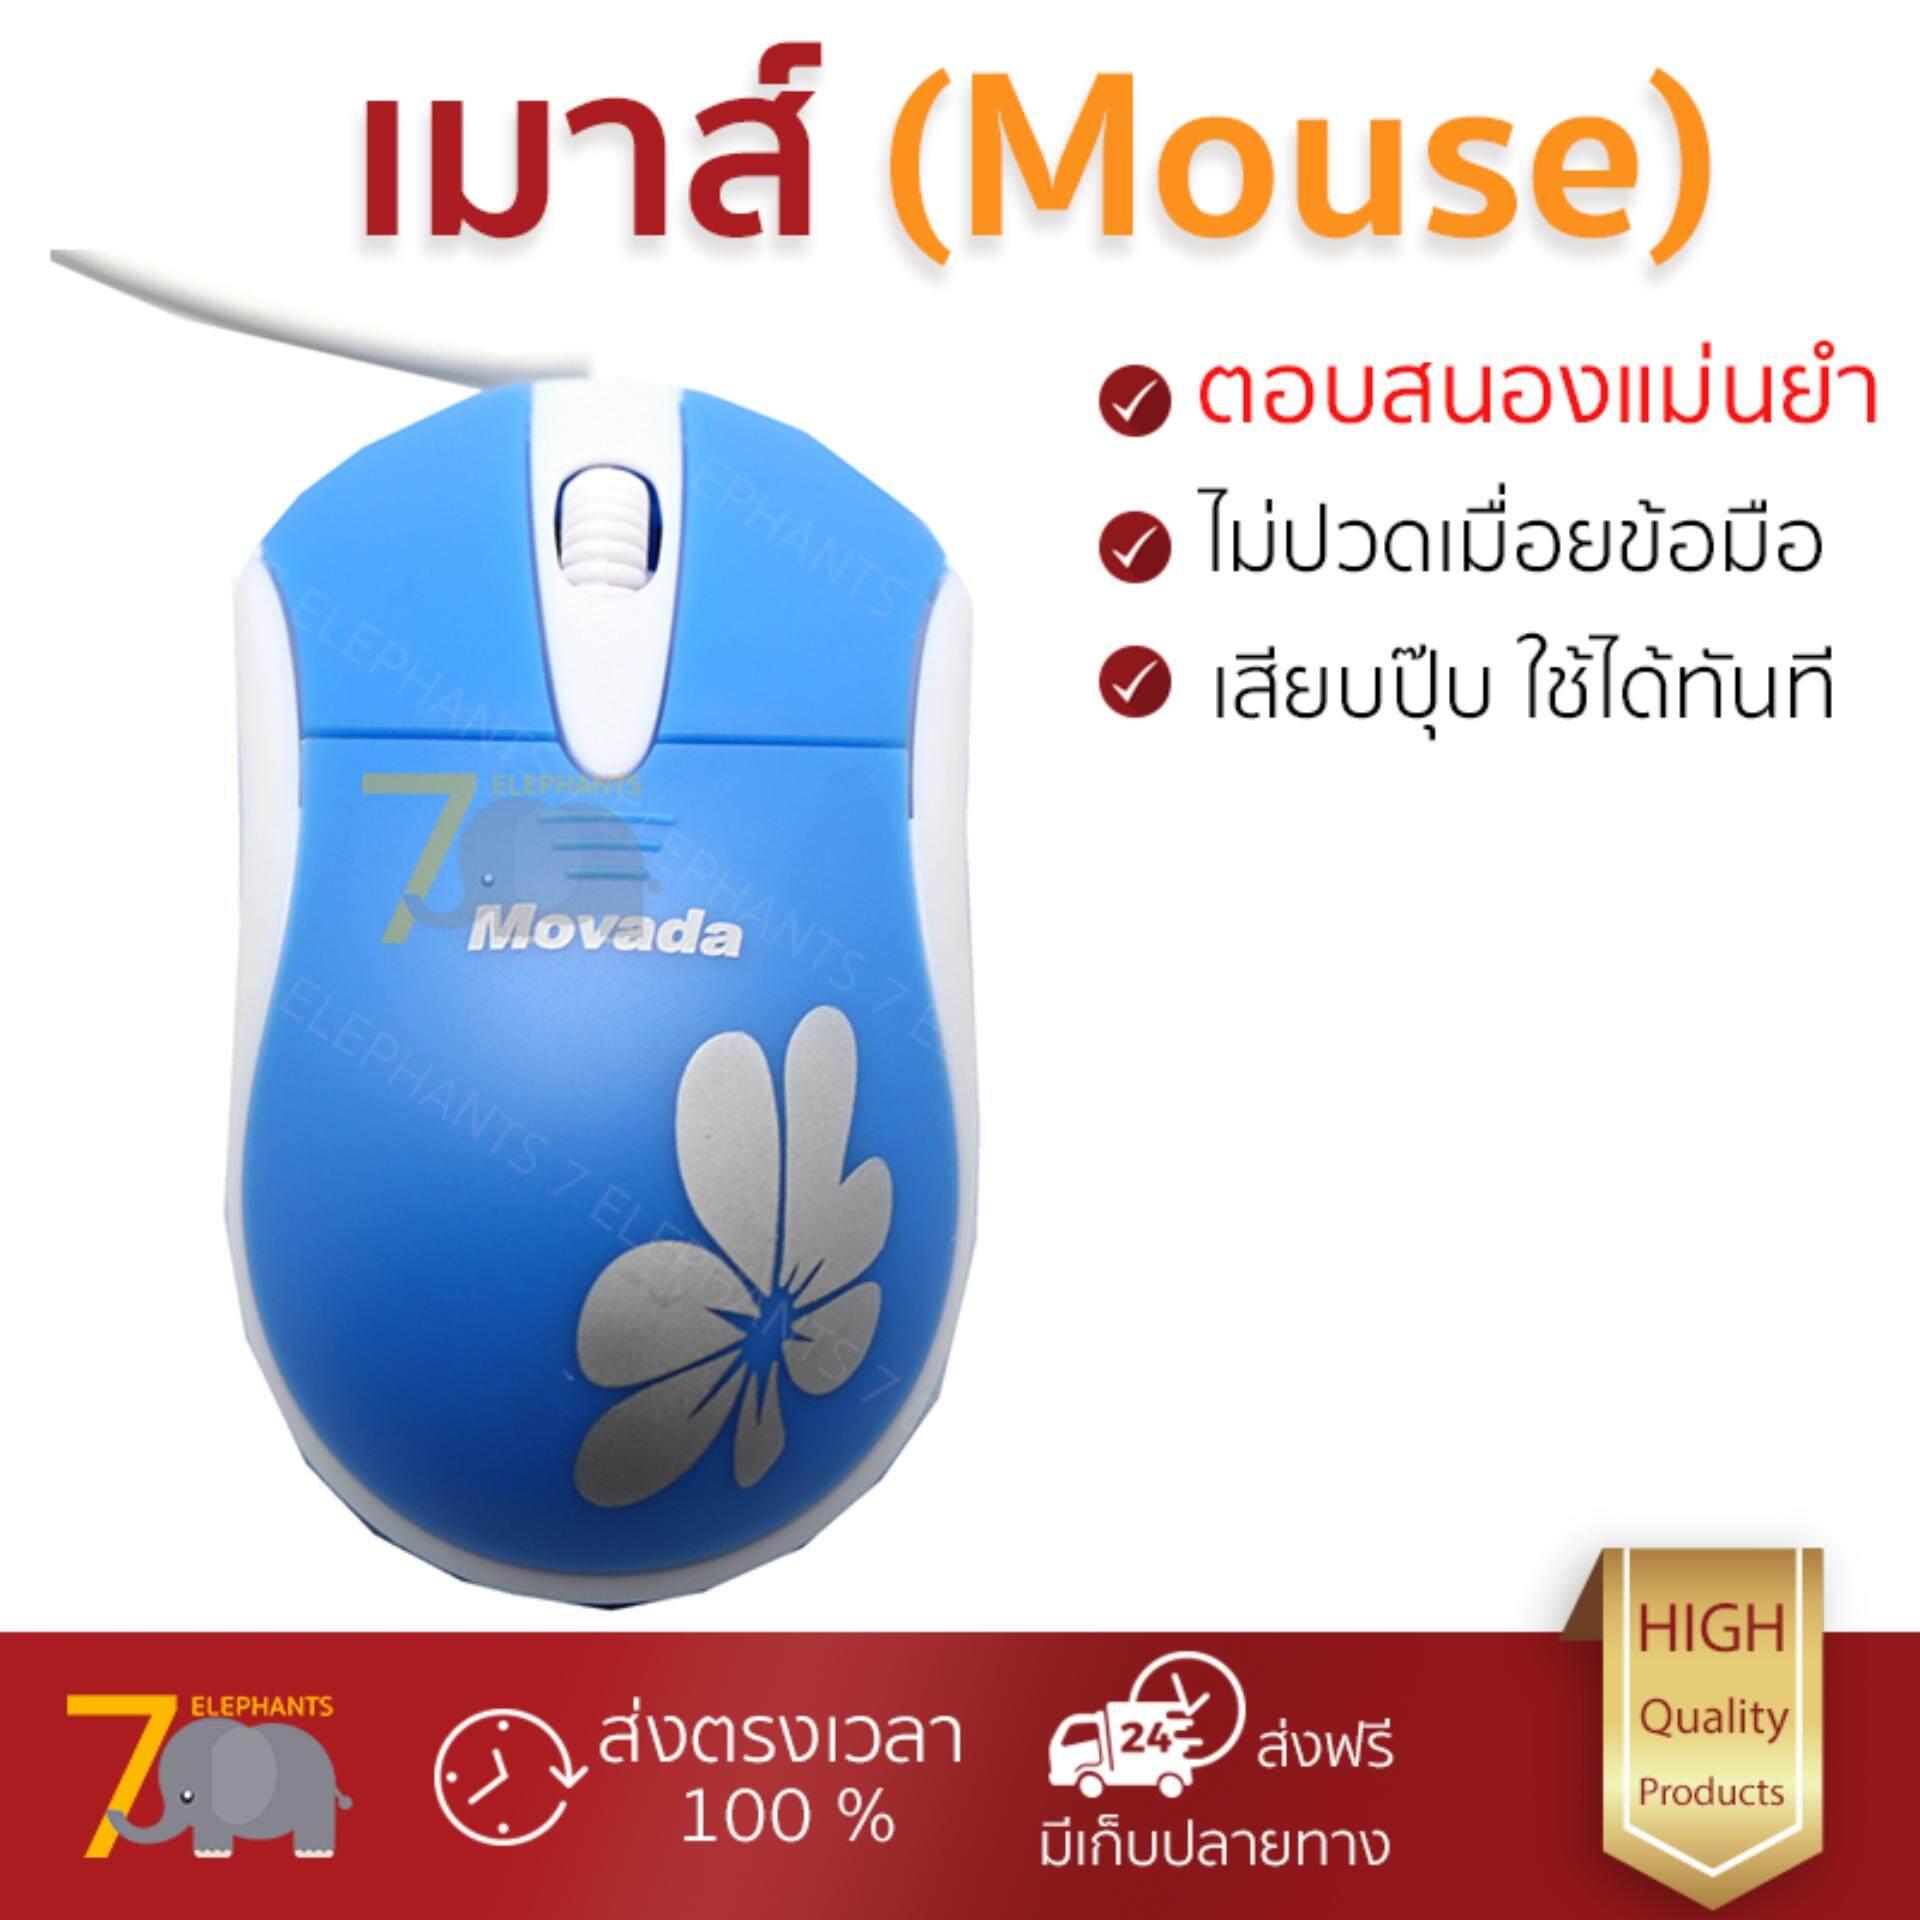 เก็บเงินปลายทางได้ รุ่นใหม่ล่าสุด เมาส์           MOVADA เมาส์ (สีฟ้า) รุ่น MO-004               เซนเซอร์คุณภาพสูง ทำงานได้ลื่นไหล ไม่มีสะดุด Computer Mouse  รับประกันสินค้า 1 ปี จัดส่งฟรี Kerry ทั่วป